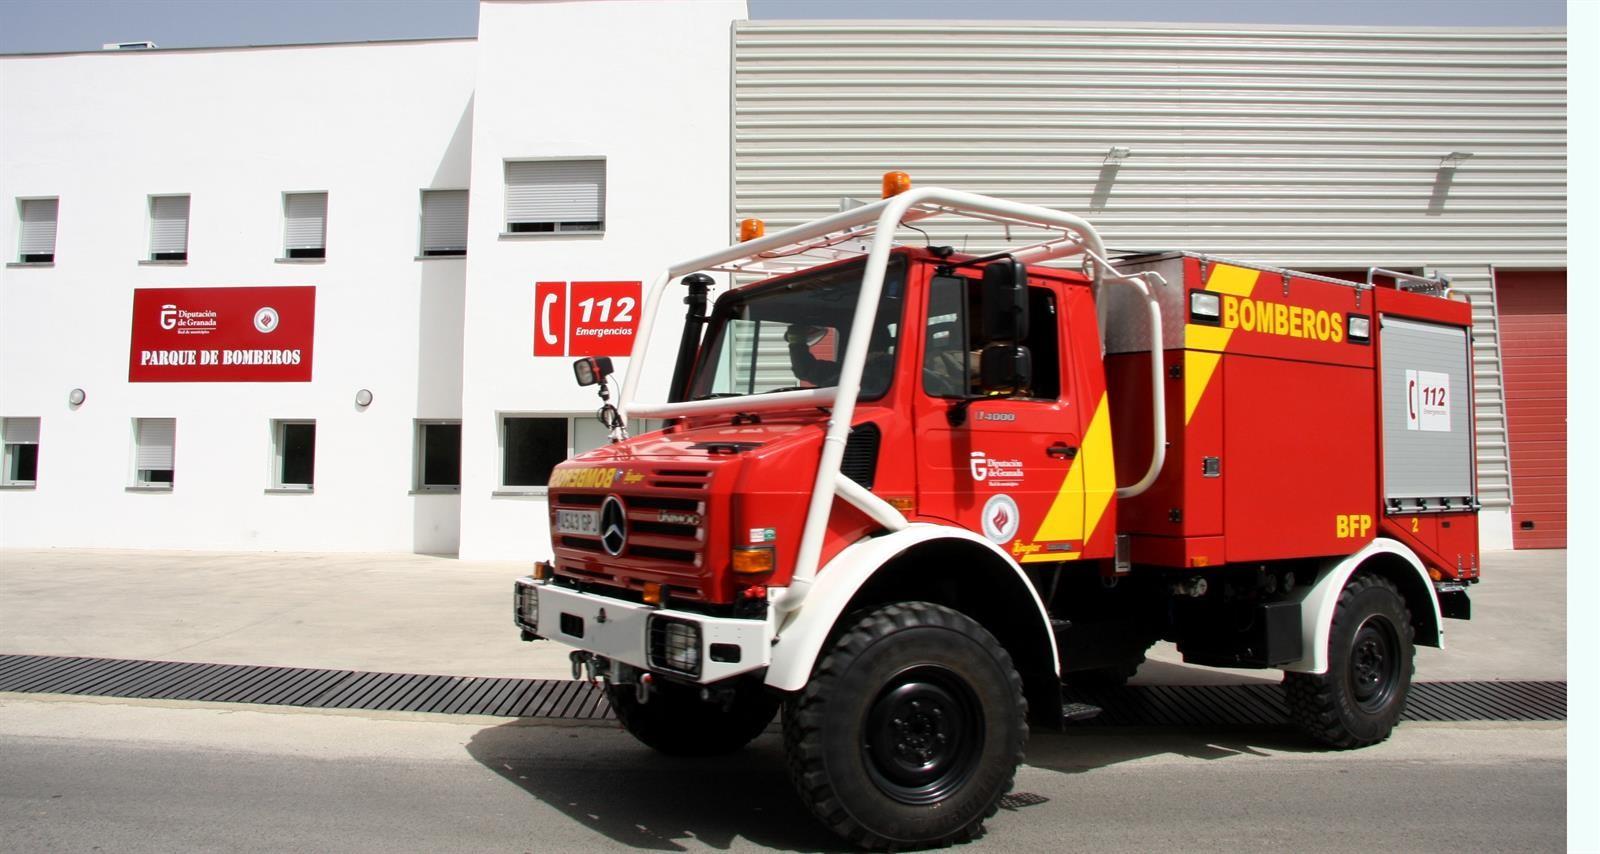 Los bomberos de Granada asesoran a residencias y centros de asistencias para mejorar la seguridad y evitar contagios